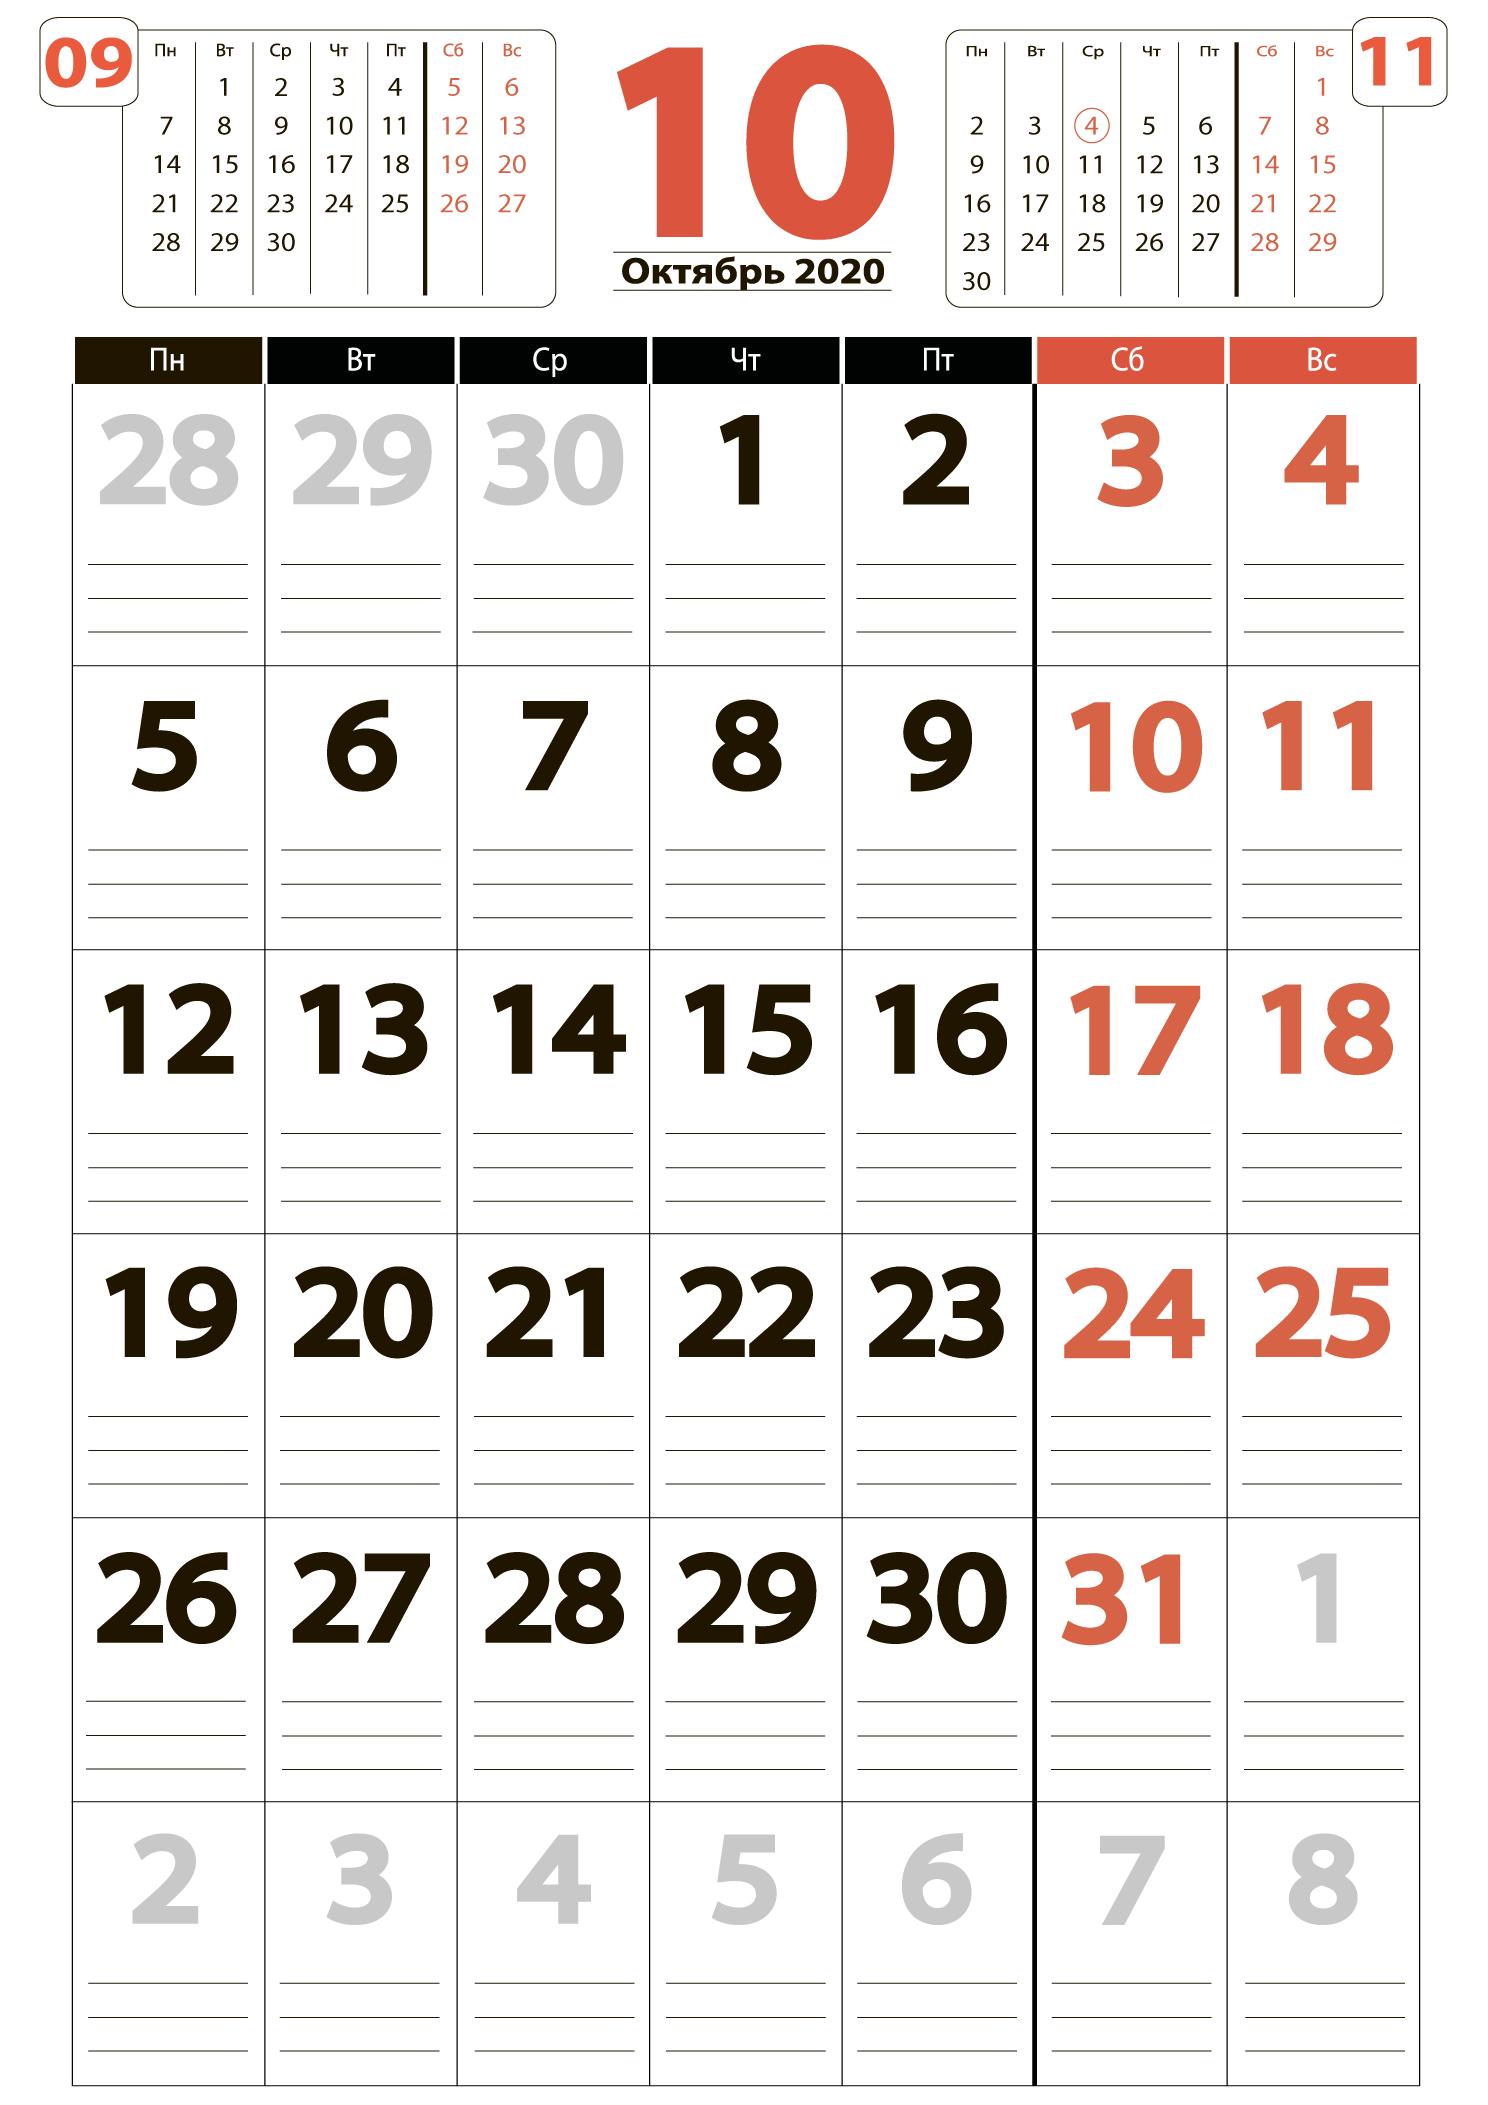 Печать крупного календаря на октябрь 2020